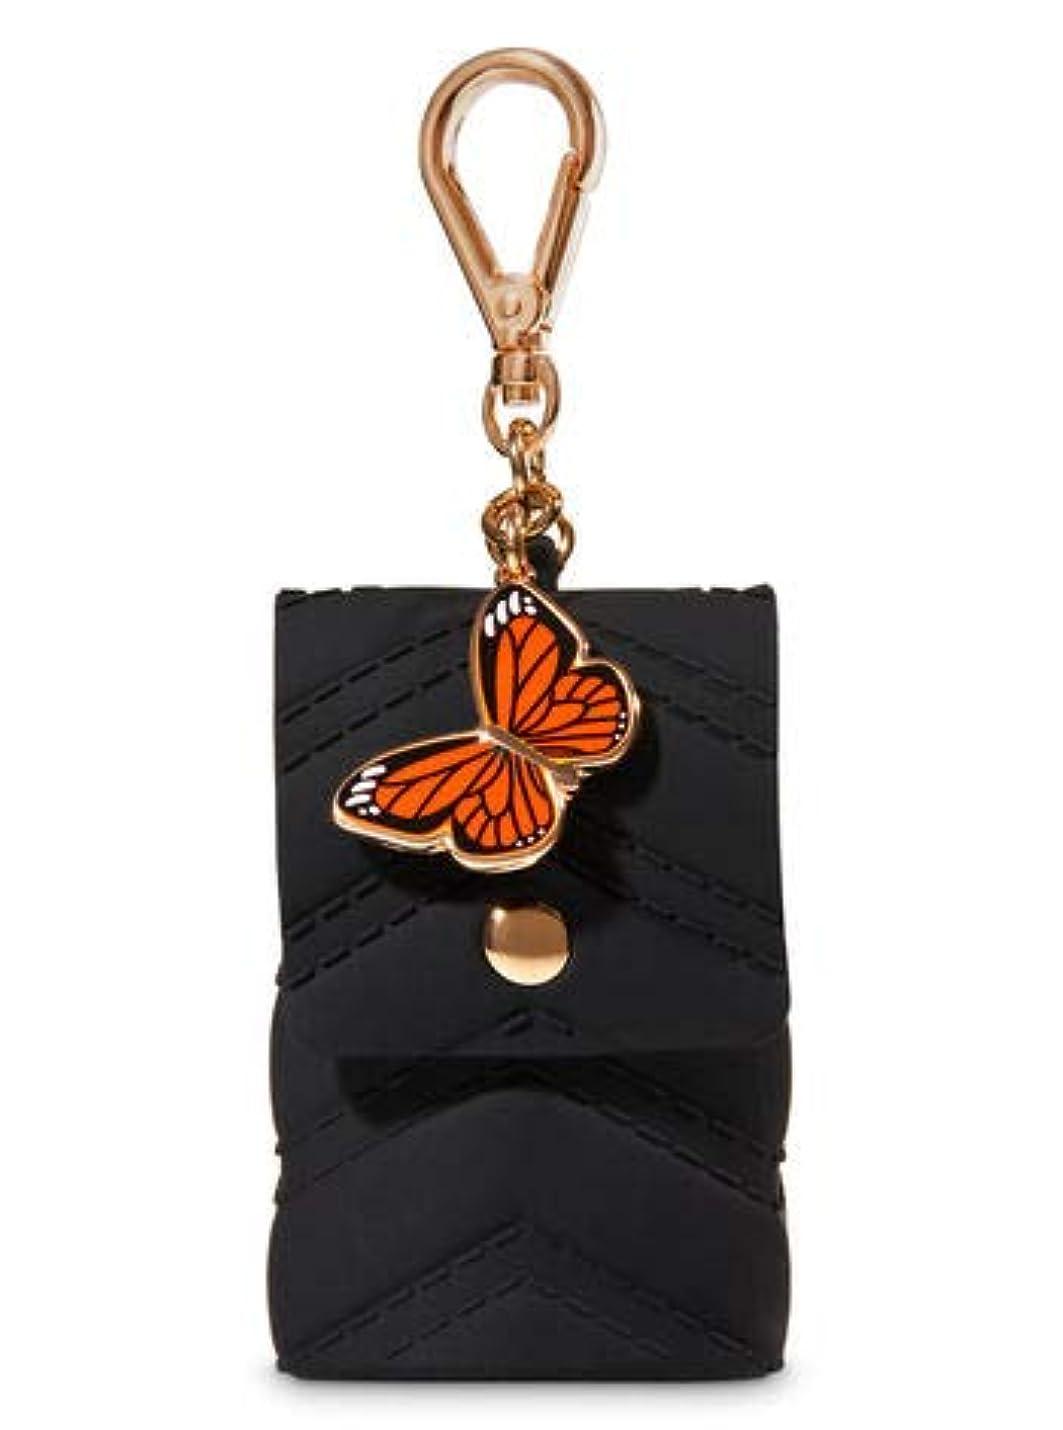 健全ホイッスル私の【Bath&Body Works/バス&ボディワークス】 抗菌ハンドジェルホルダー バタフライチャーム Pocketbac Holder Butterfly Charm [並行輸入品]